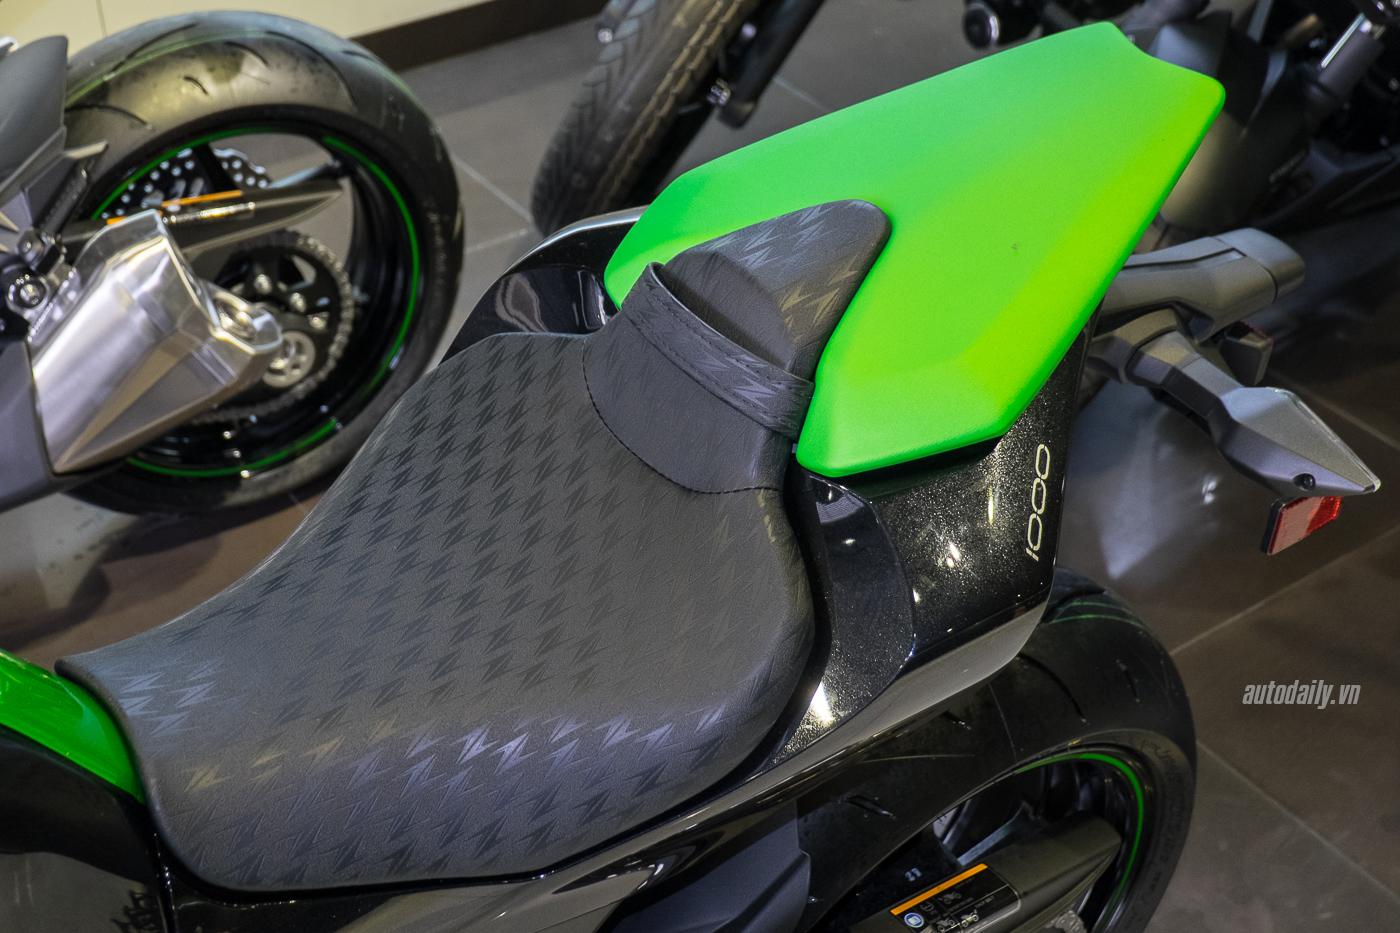 Kawasaki ra mắt tại Việt Nam với 2 bản: Z1000 2017 và ...